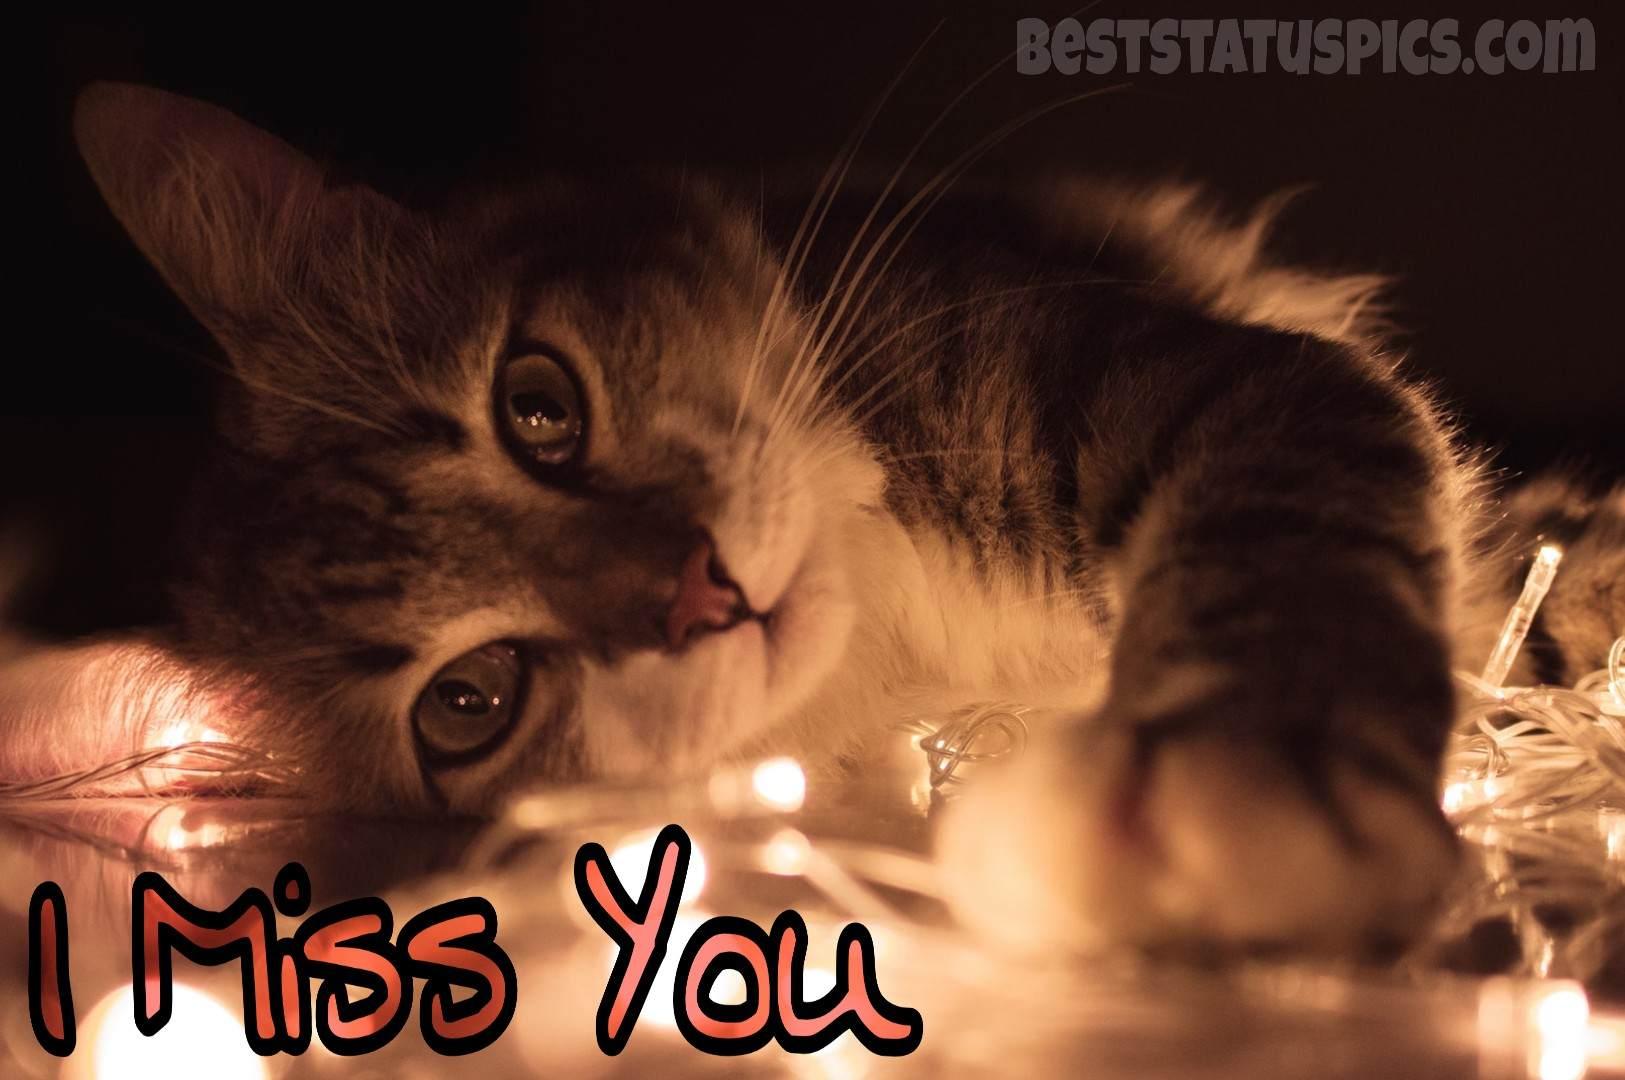 Cute I Miss You Whatsapp Dp Pics Hd Images Photo Best Status Pics